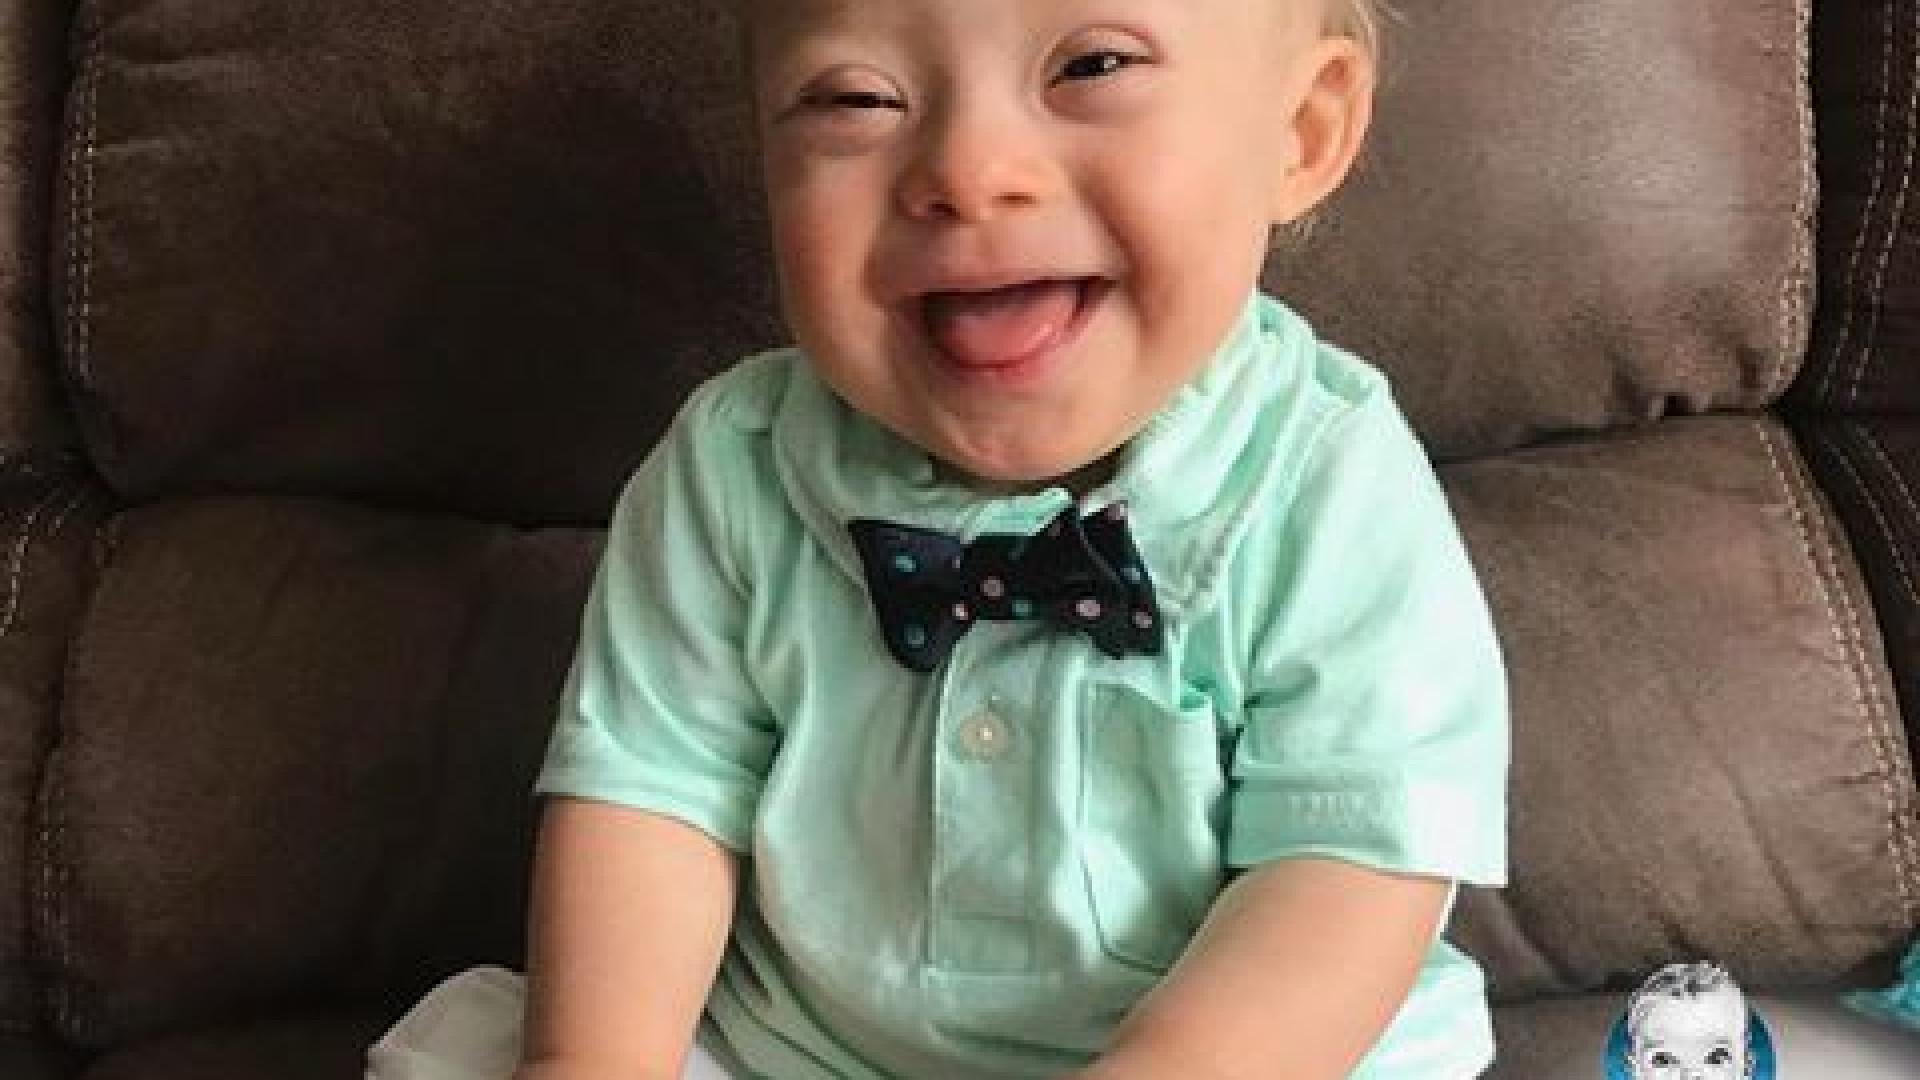 Pela primeira vez, o 'bebé Gerber' é uma criança com síndrome de Down